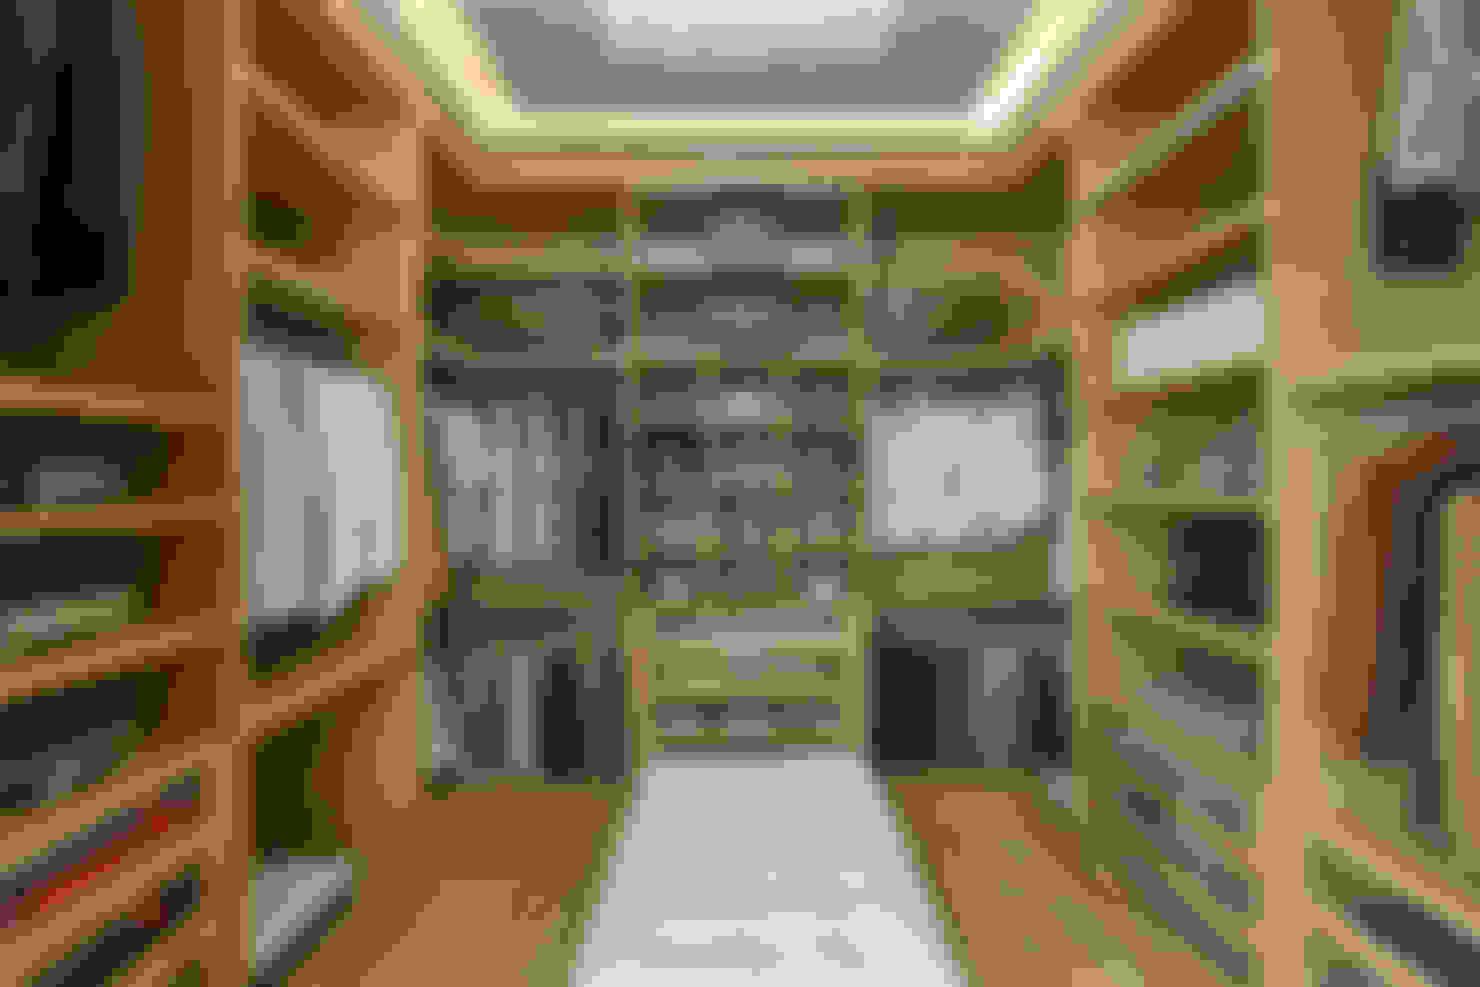 Giysilerinizi yerleştirmek için aynen alabileceğiniz 10 fikir